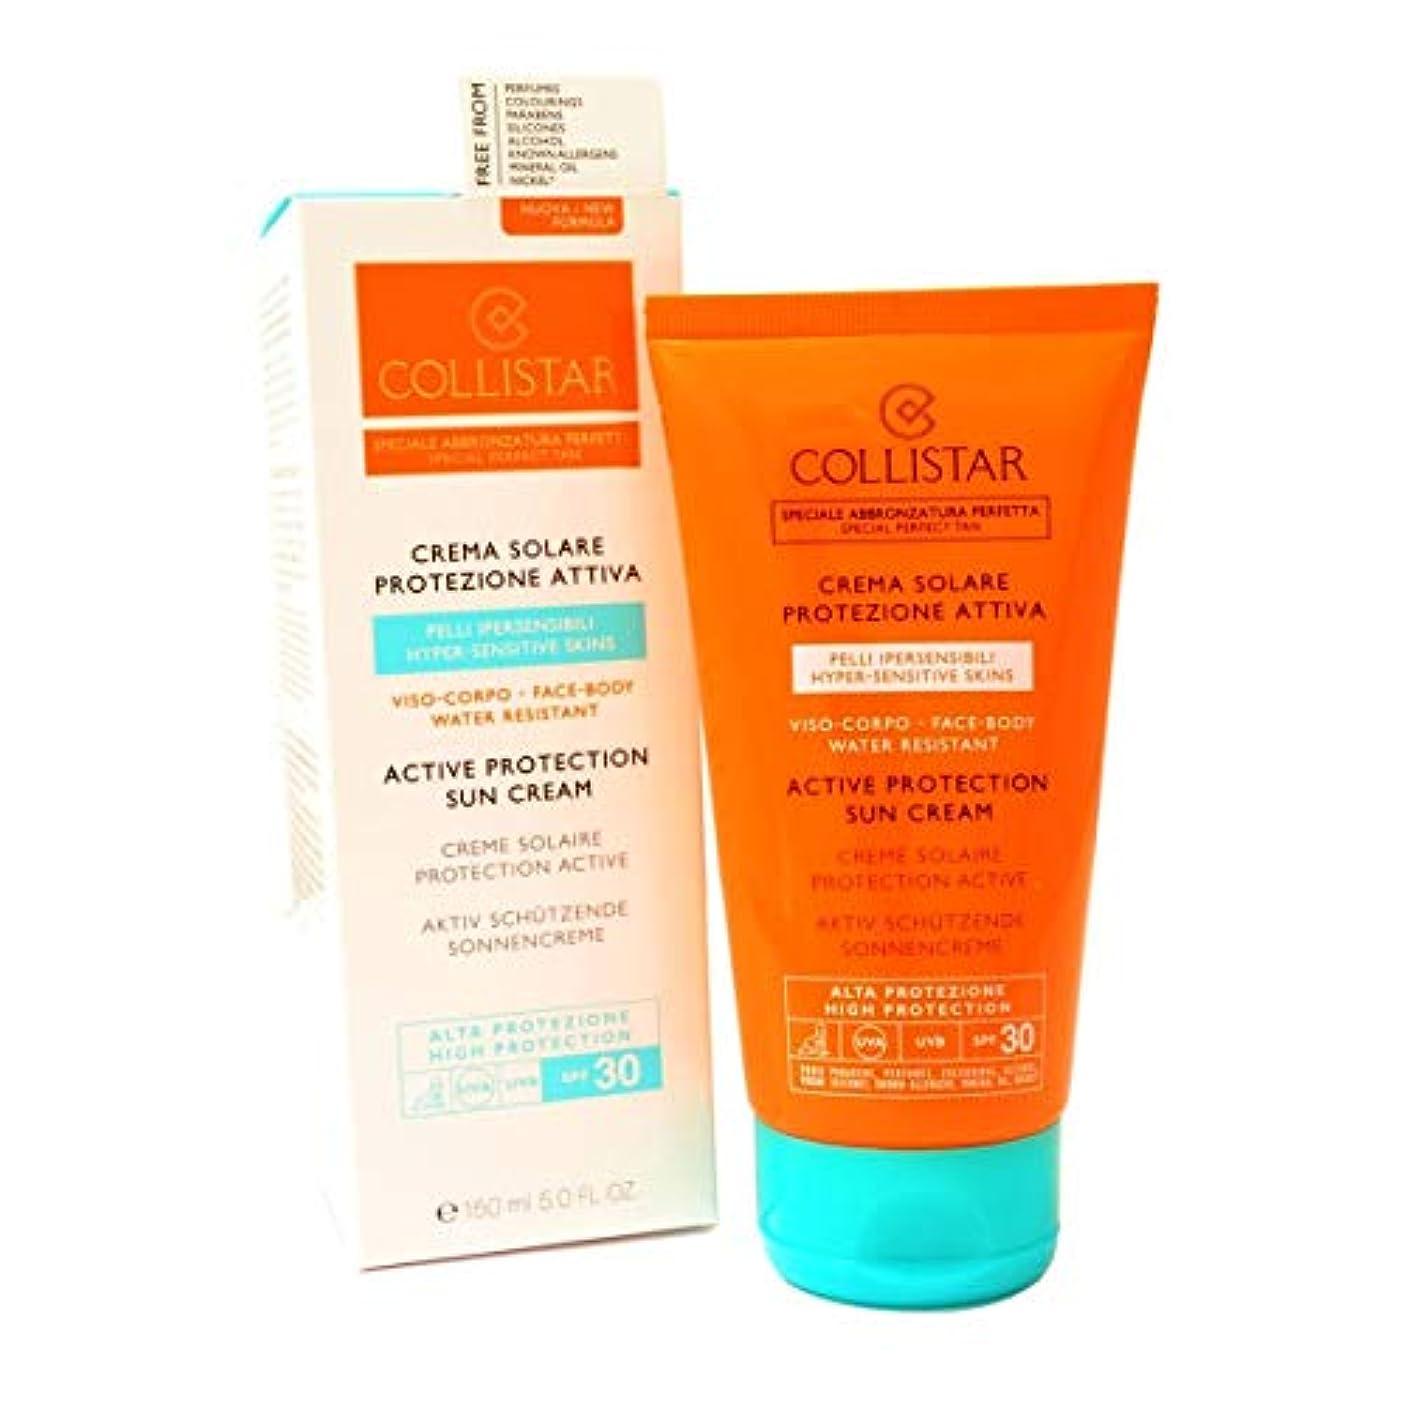 パーフェルビッドクラウン退屈させるCollistar Active Protection Sun Cream Spf30 Face And Body 150ml [並行輸入品]